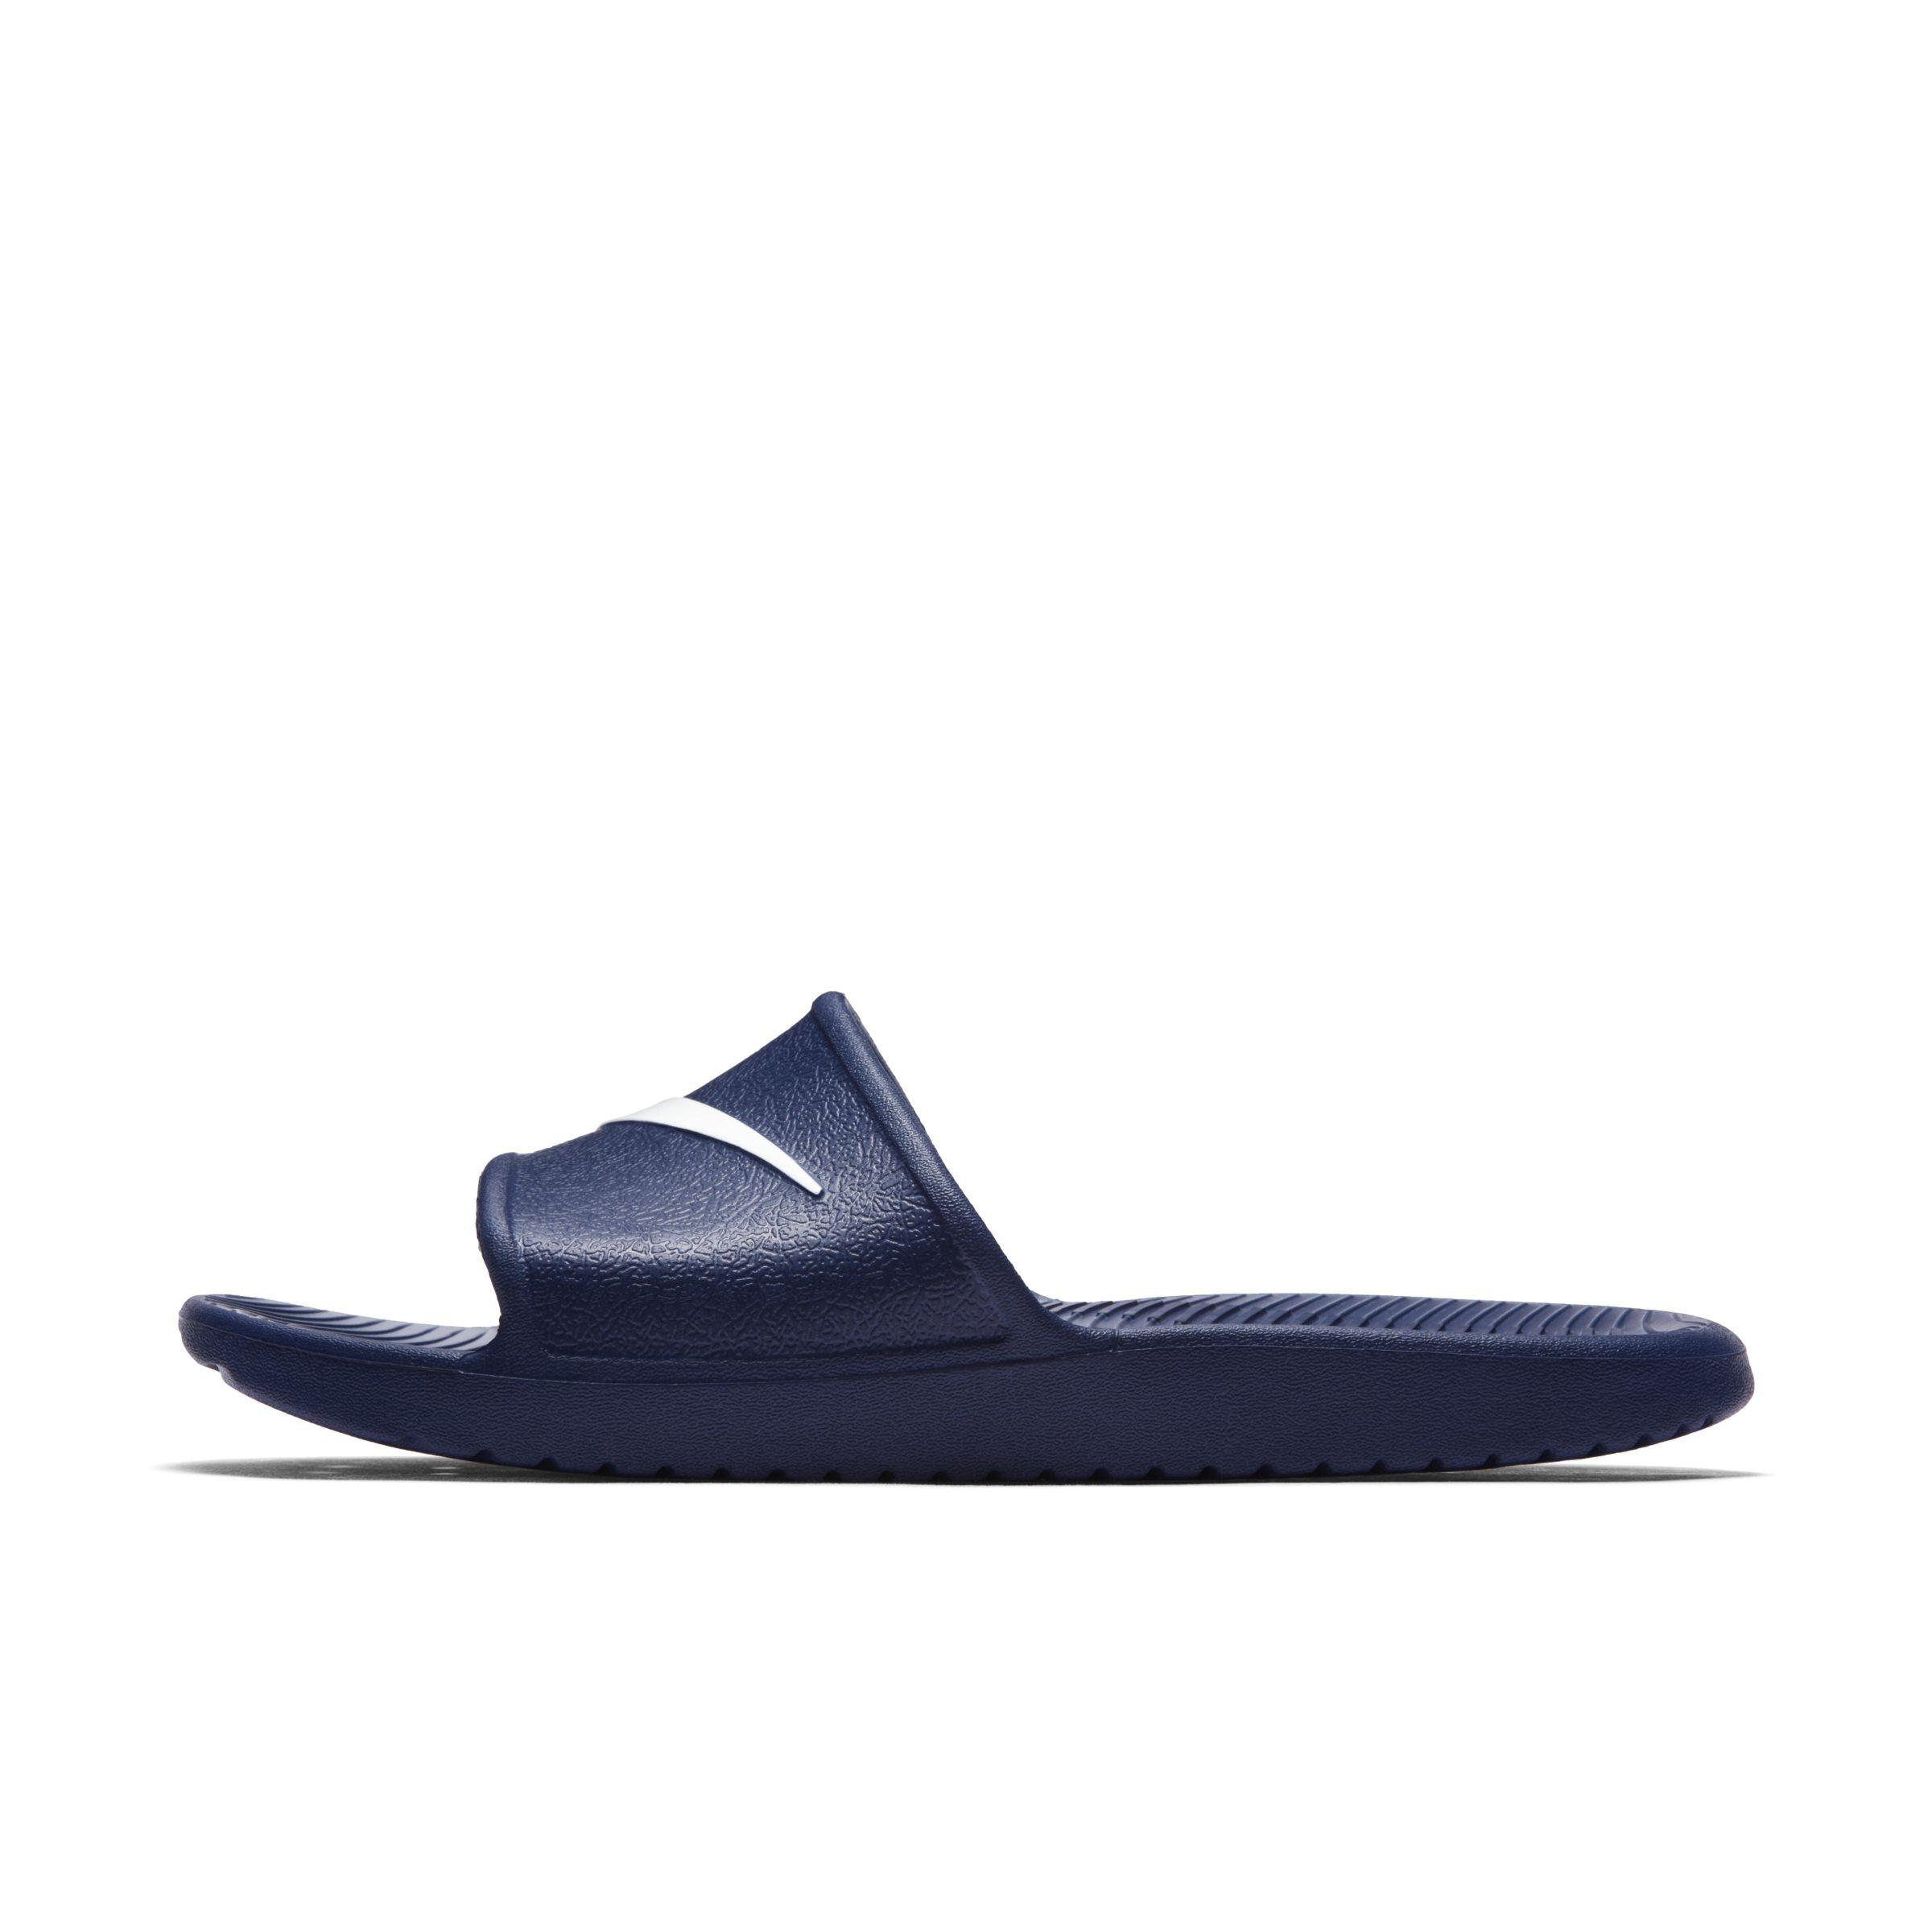 new arrival 3f172 cf37f Nike - Blue Kawa Shower Slide for Men - Lyst. View fullscreen